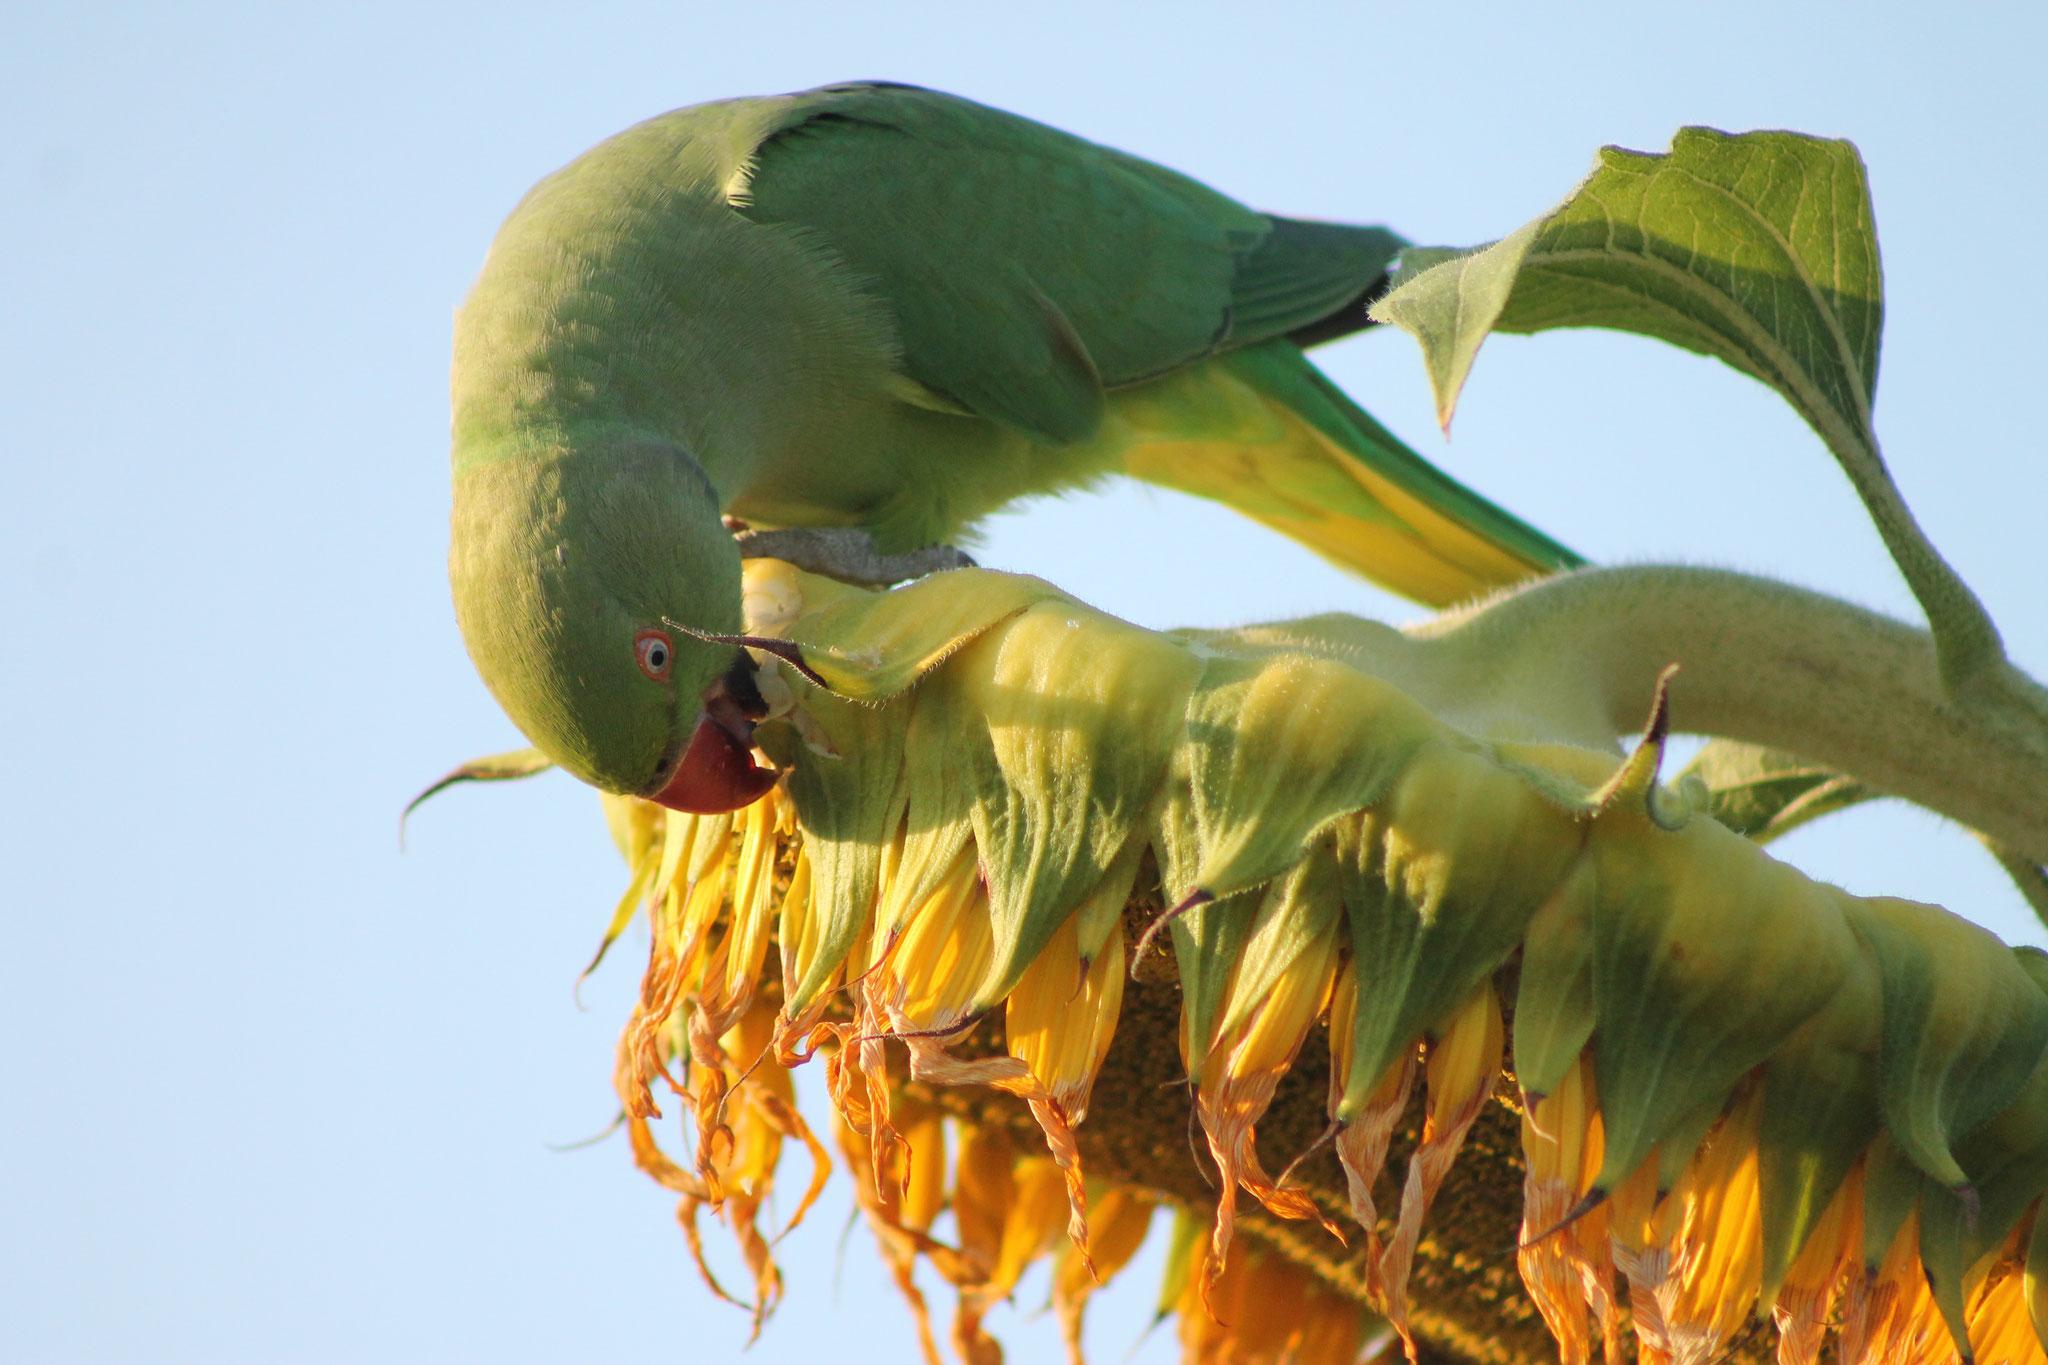 Halsbandsittiche freuen sich besonders über die Sonnenblumen